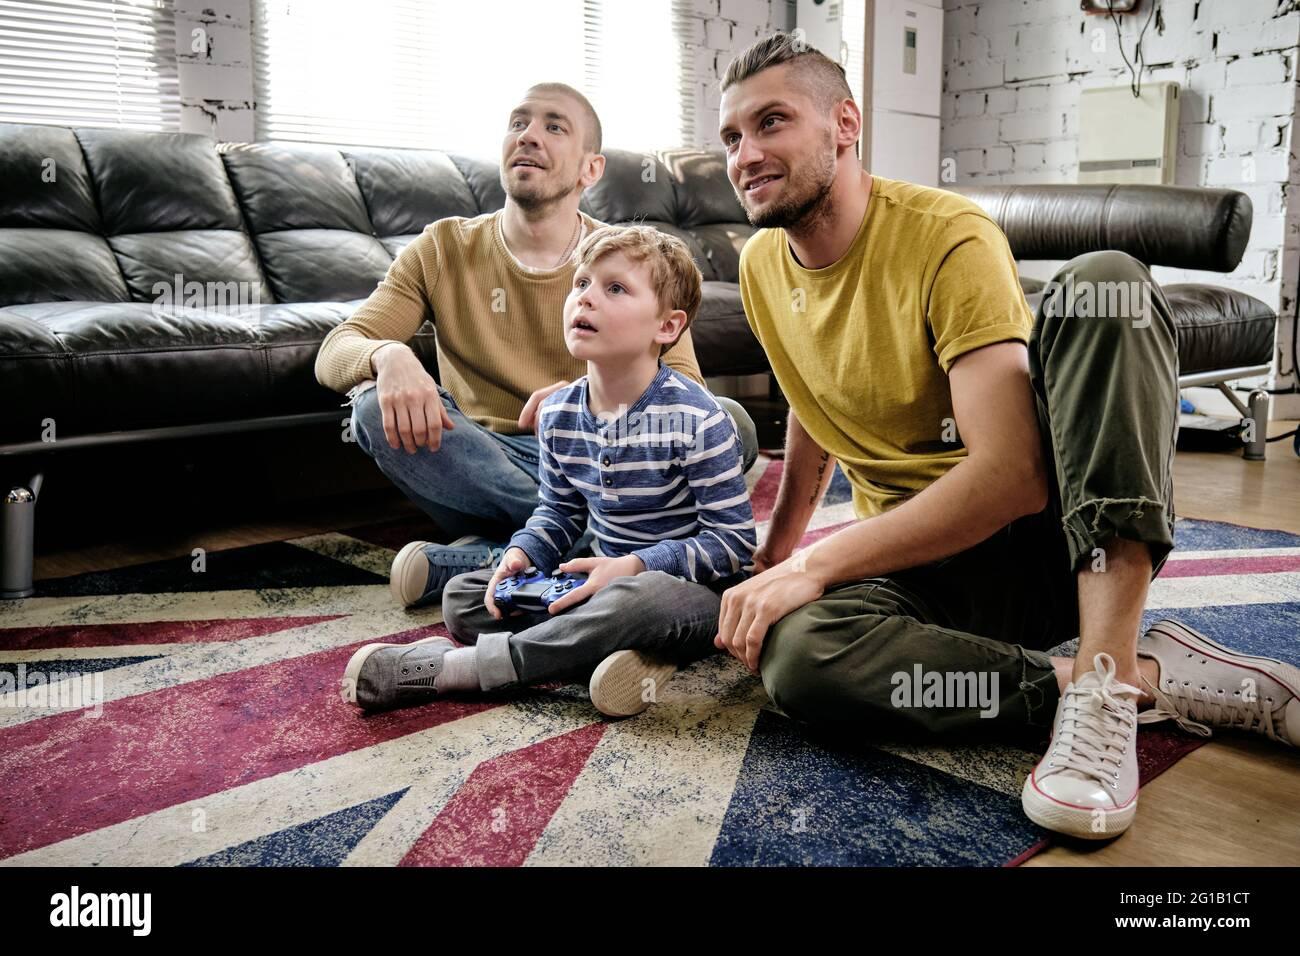 Un chico lindo y dos chicos viendo la televisión mientras estaba sentado en el suelo Foto de stock